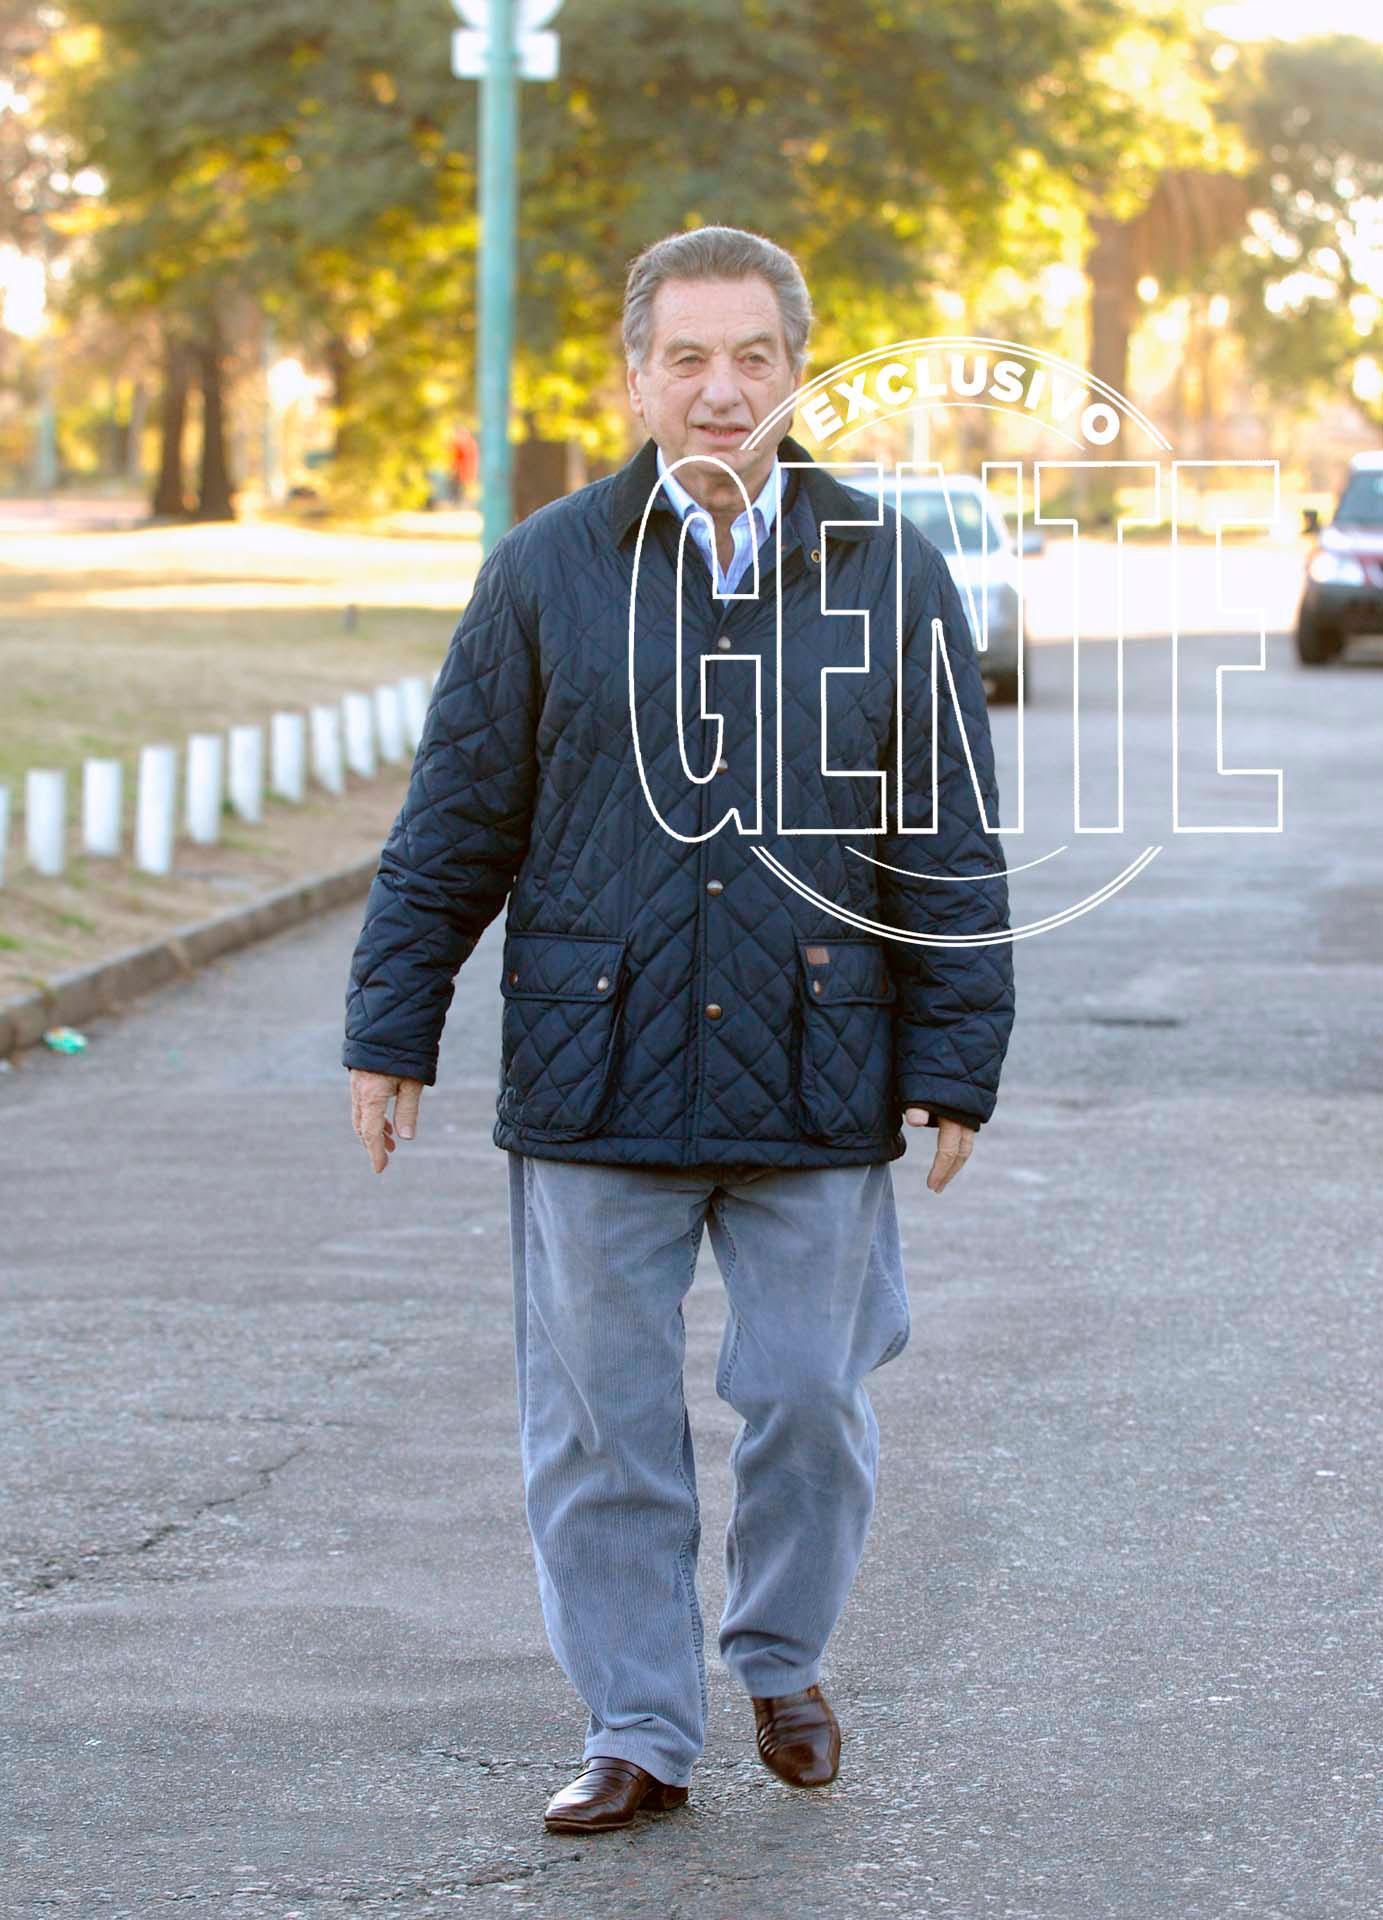 El padre del Presidente, saliendo de votar. Foto: Enrique García Medina/GENTE